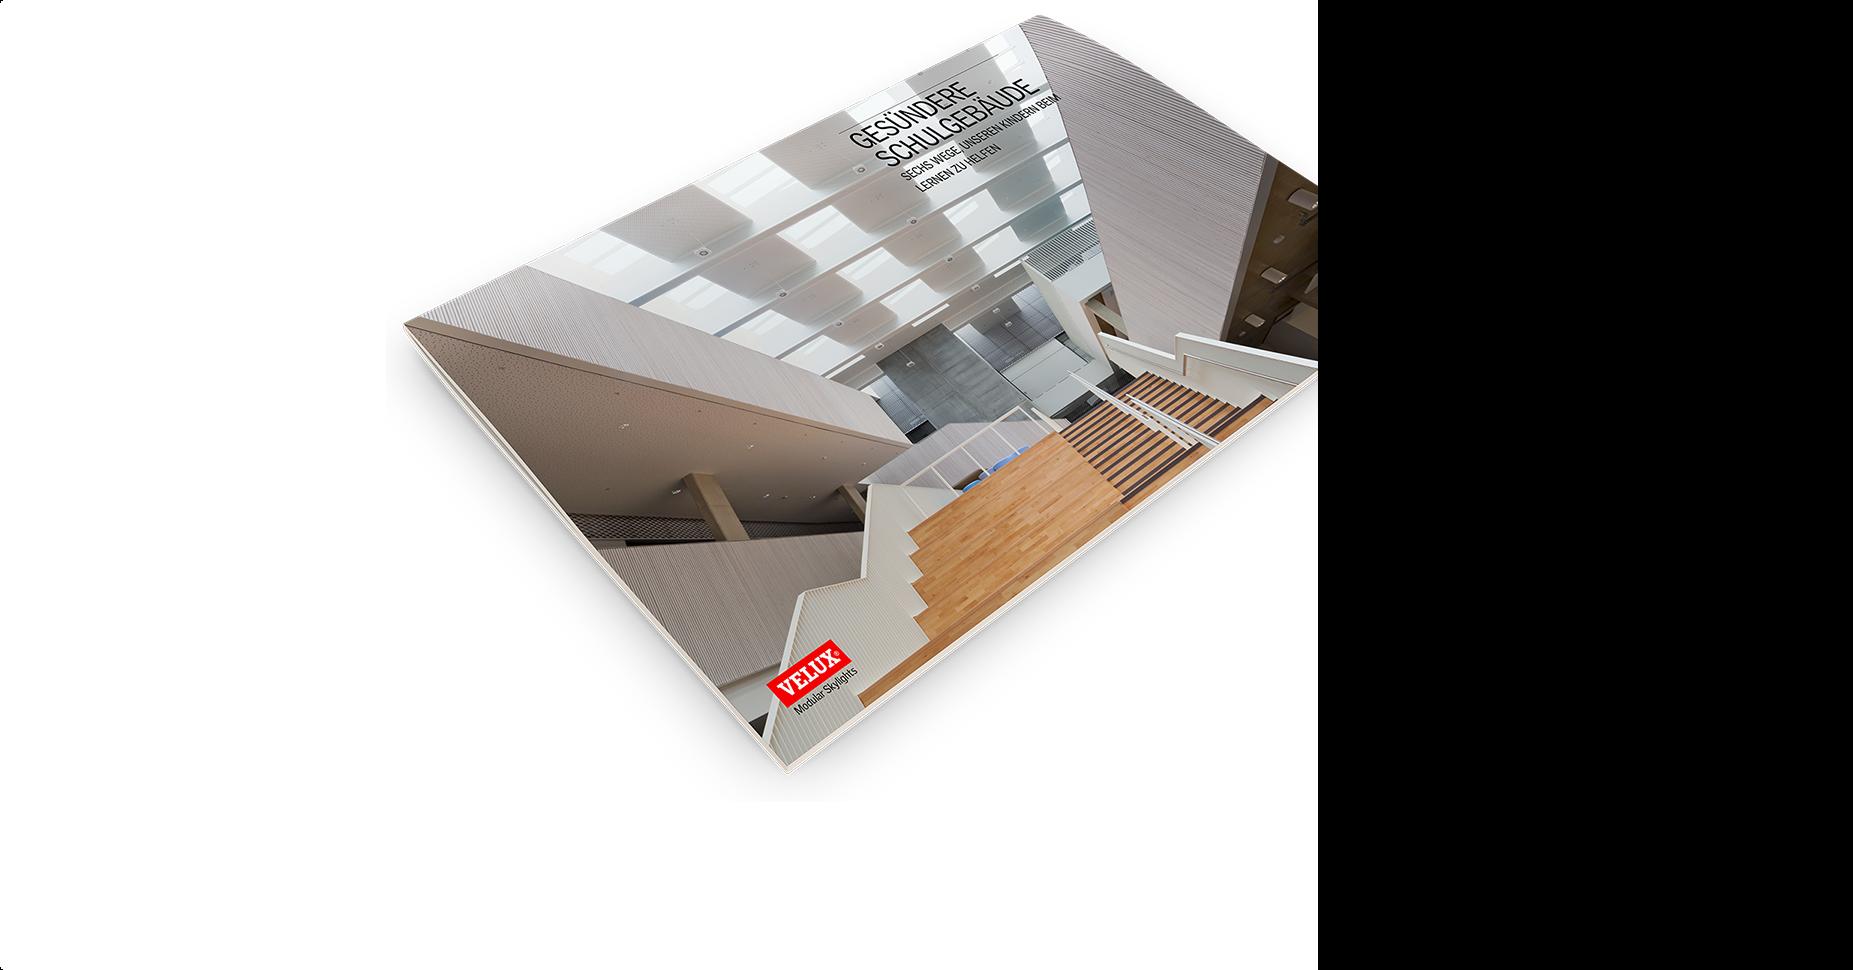 Gesündere Schulgebäude  Laden Sie dieses E-Book mit einer detaillierten Darstellung der sechs  Gestaltungselemente herunter, die Architekten für Ihre Entwürfe für Schulen von  morgen nutzen können. Jetzt herunterladen